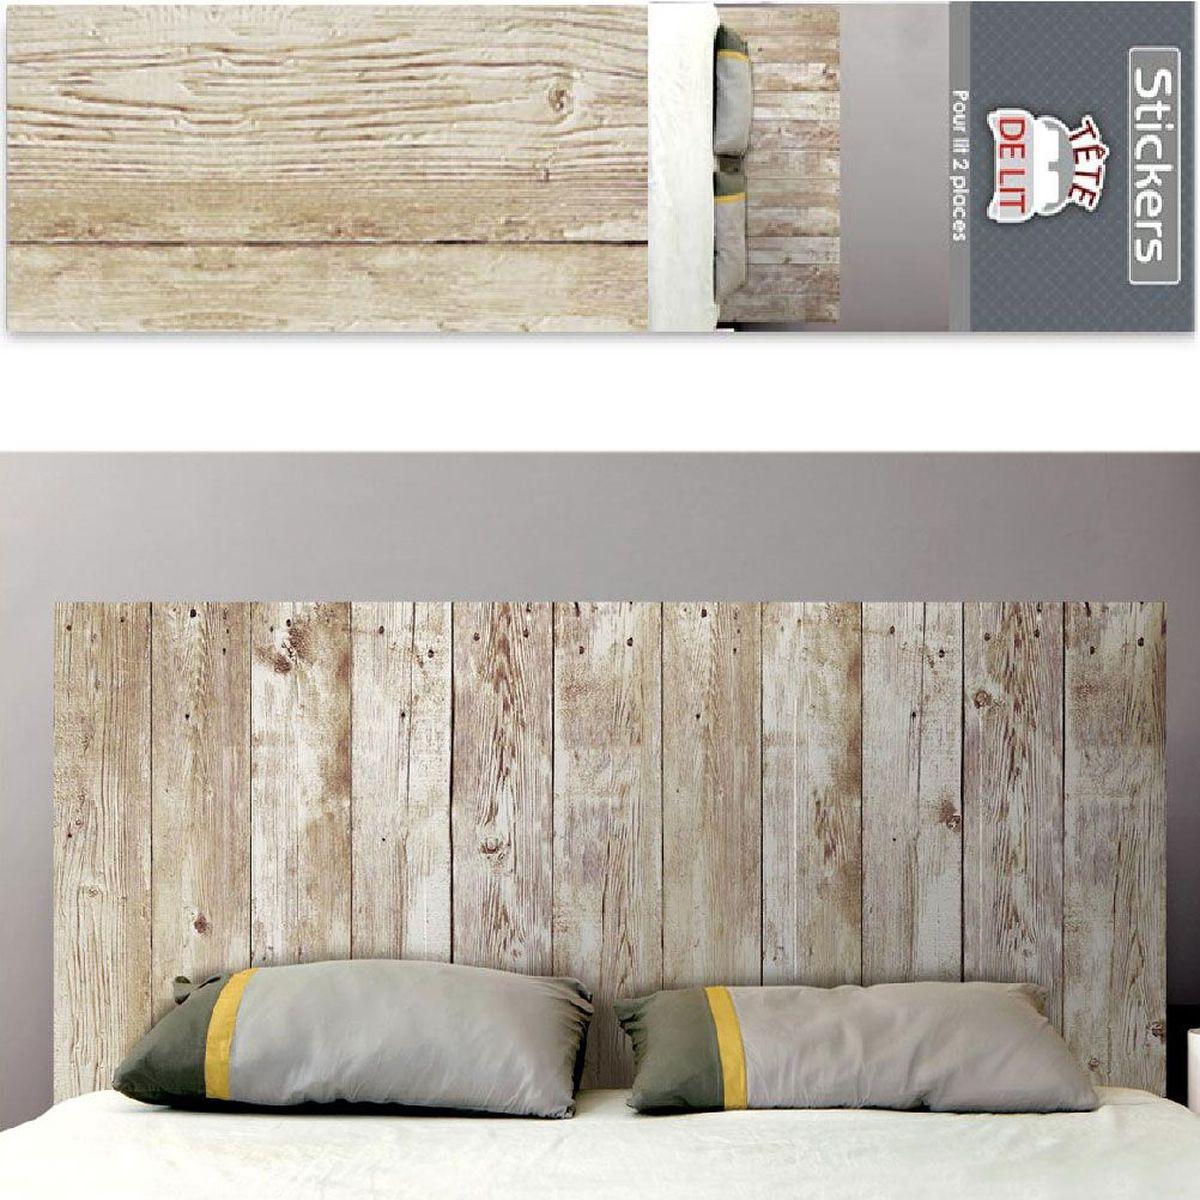 Sticker mural t te de lit bois 155 x 68 cm - Tete de lit planche bois ...